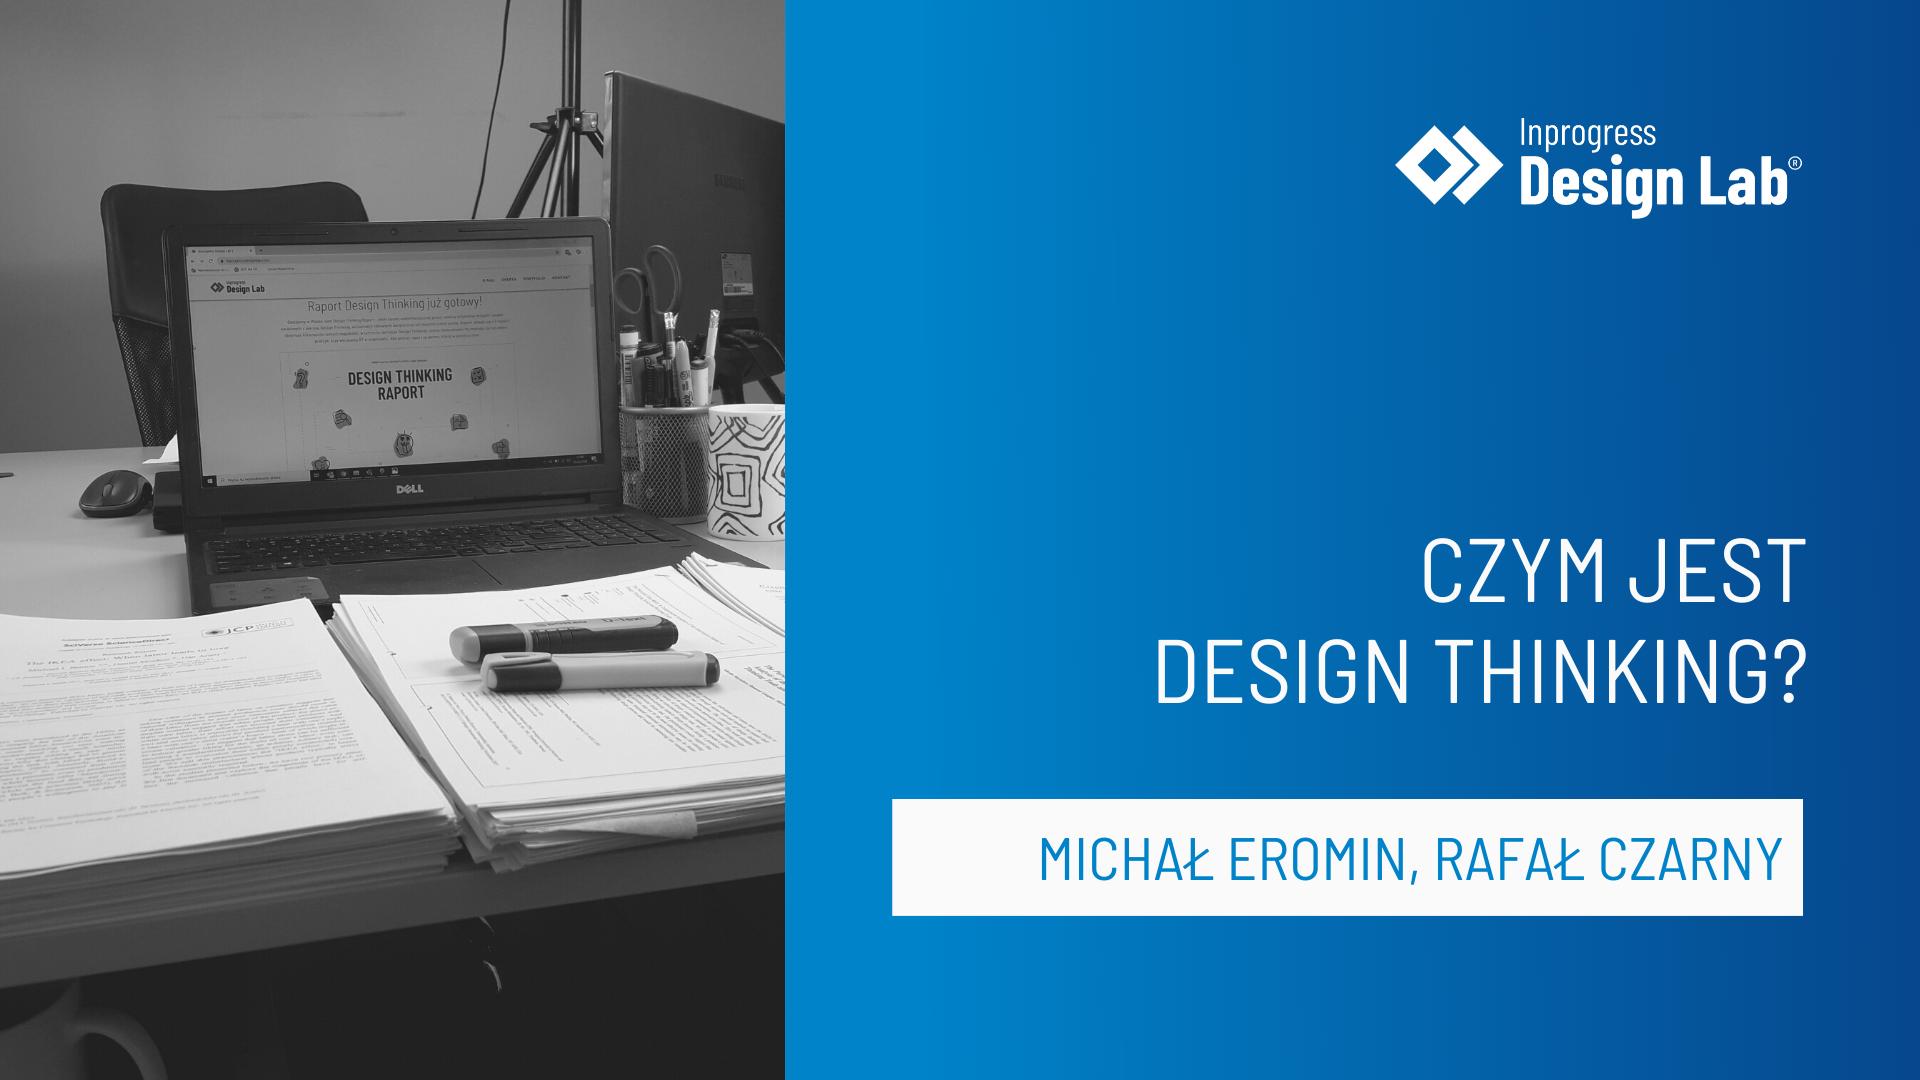 Czym jest Design Thinking? Artykuł ekspercki